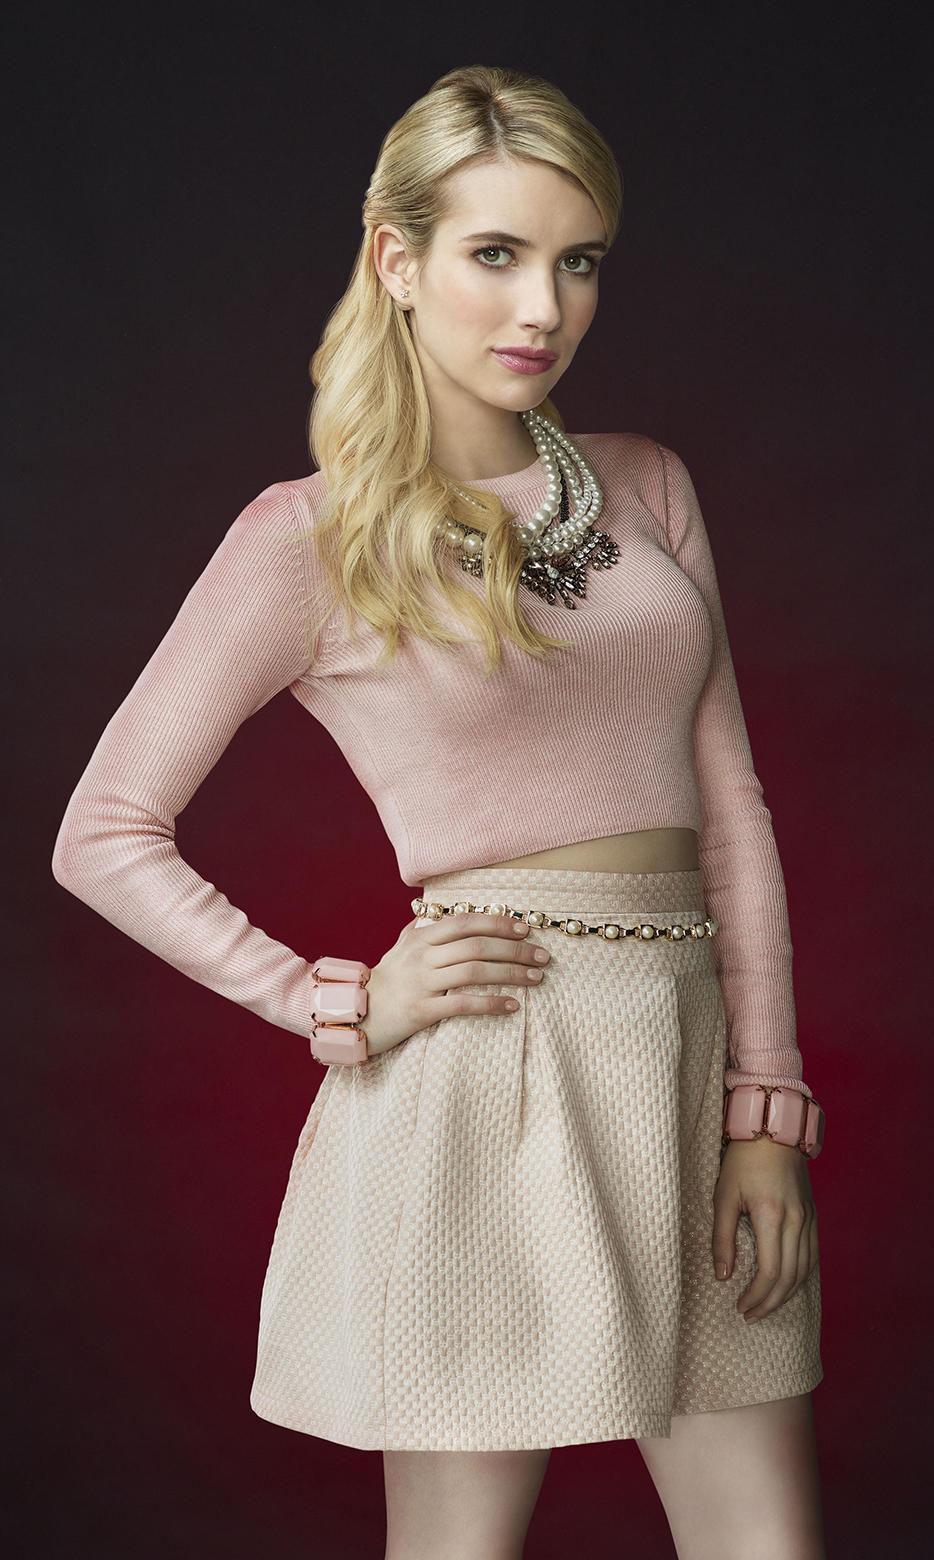 Pin de Malibutam em Scream Queens Chanel Oberlin Fashion & Style   Emma roberts. Scream queens e Figurino